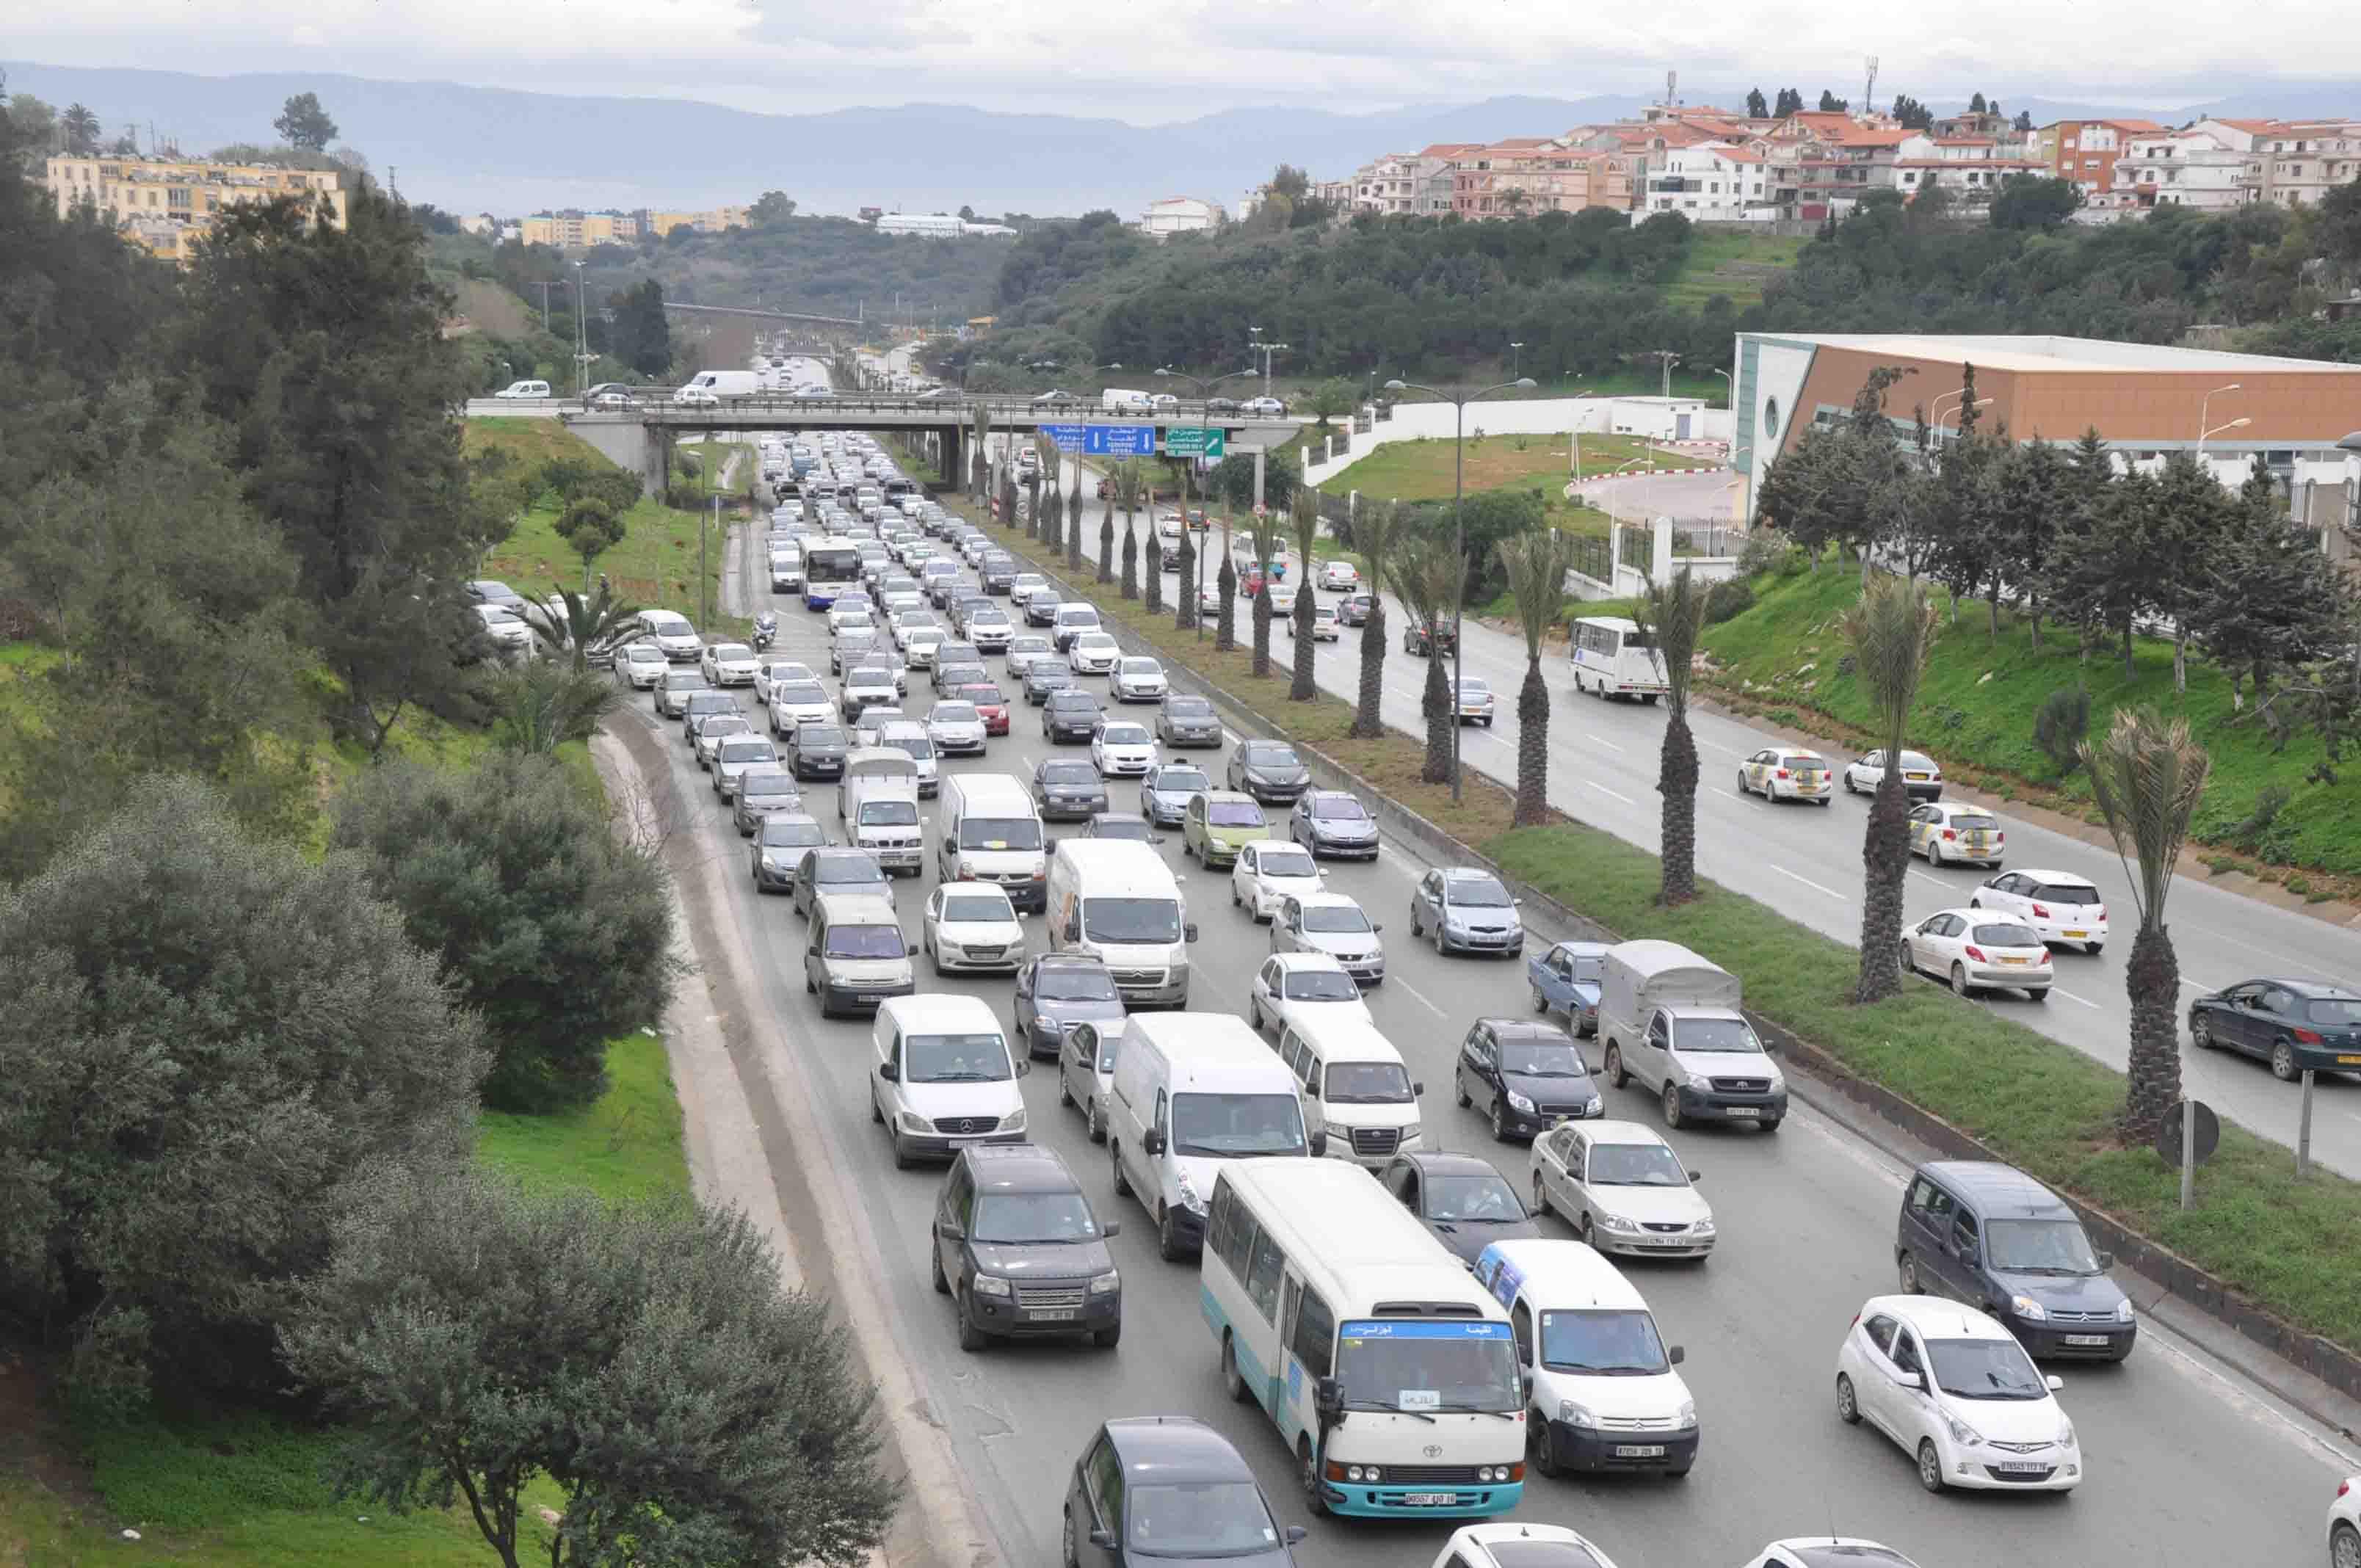 هذا هو حجم حظيرة السيارات في الجزائر